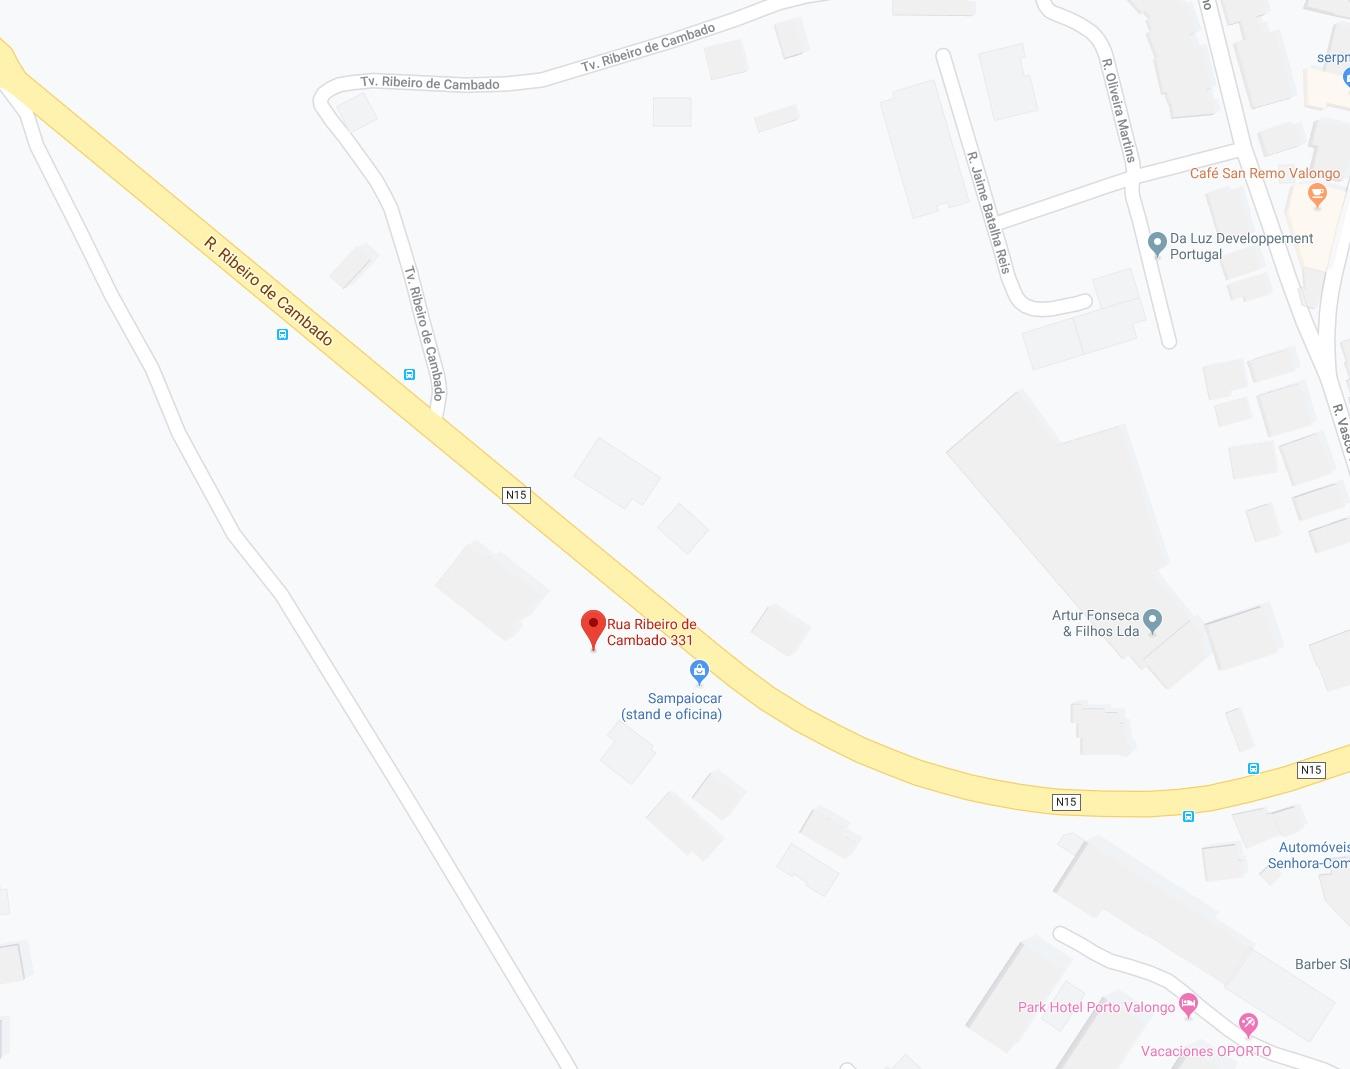 Localização do restaurante no Google maps